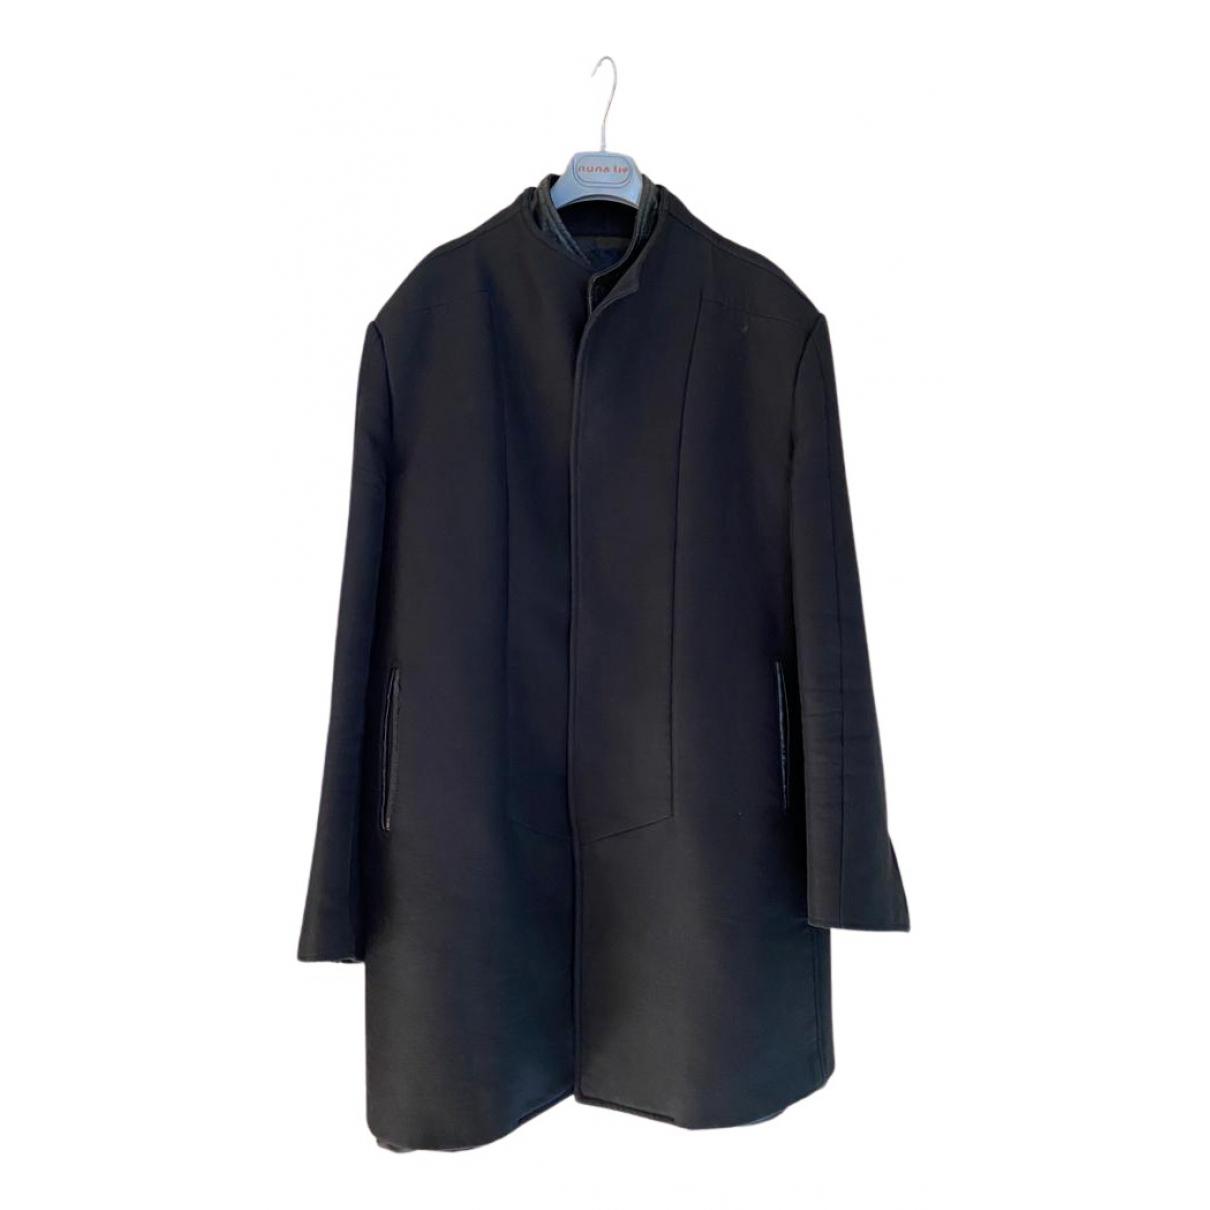 Zara - Manteau   pour homme - noir